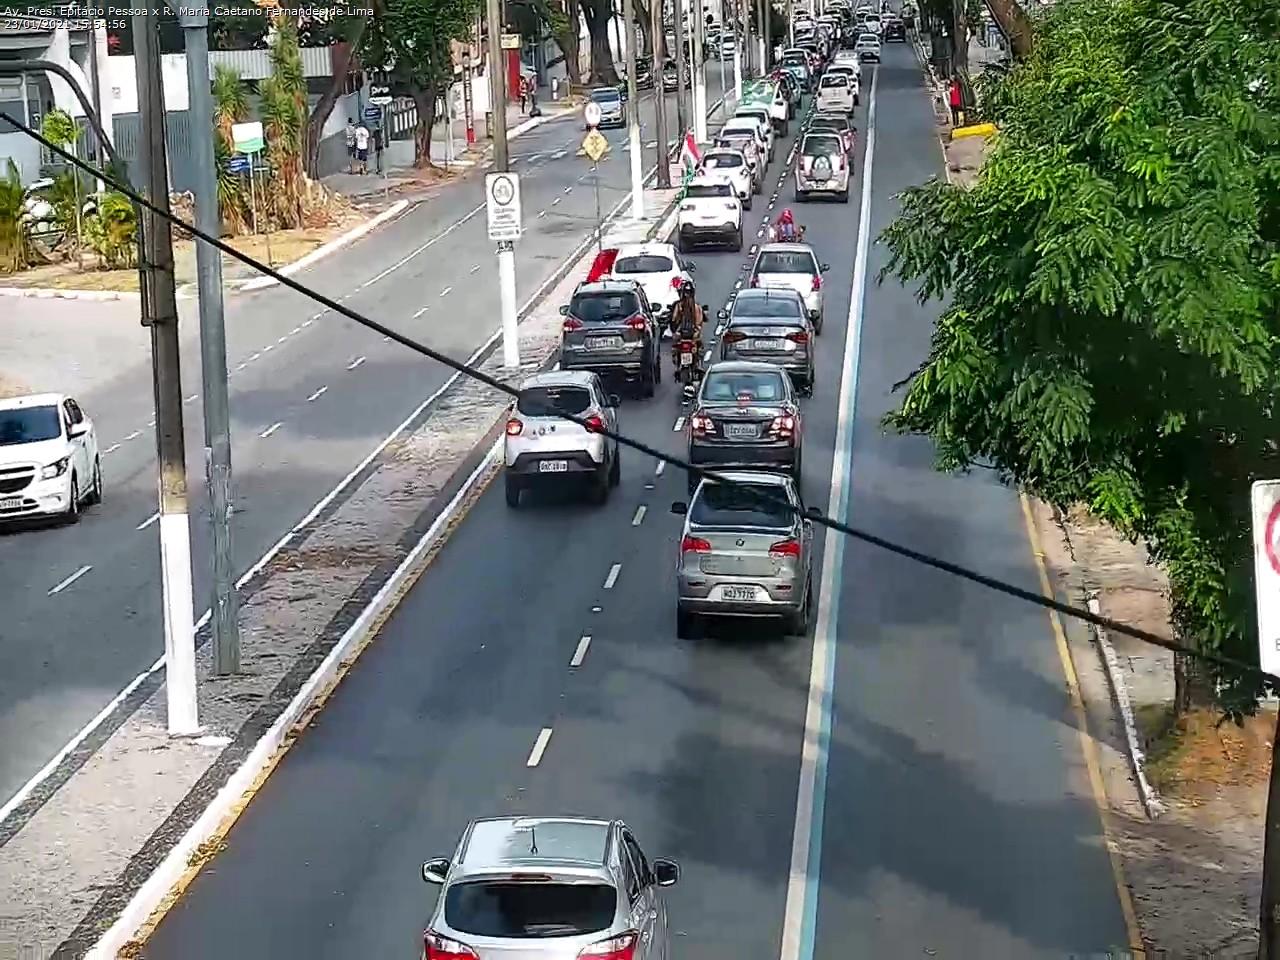 protesto 2 - Manifestantes pedem impeachment de Bolsonaro em João Pessoa - VEJA IMAGENS E VÍDEOS